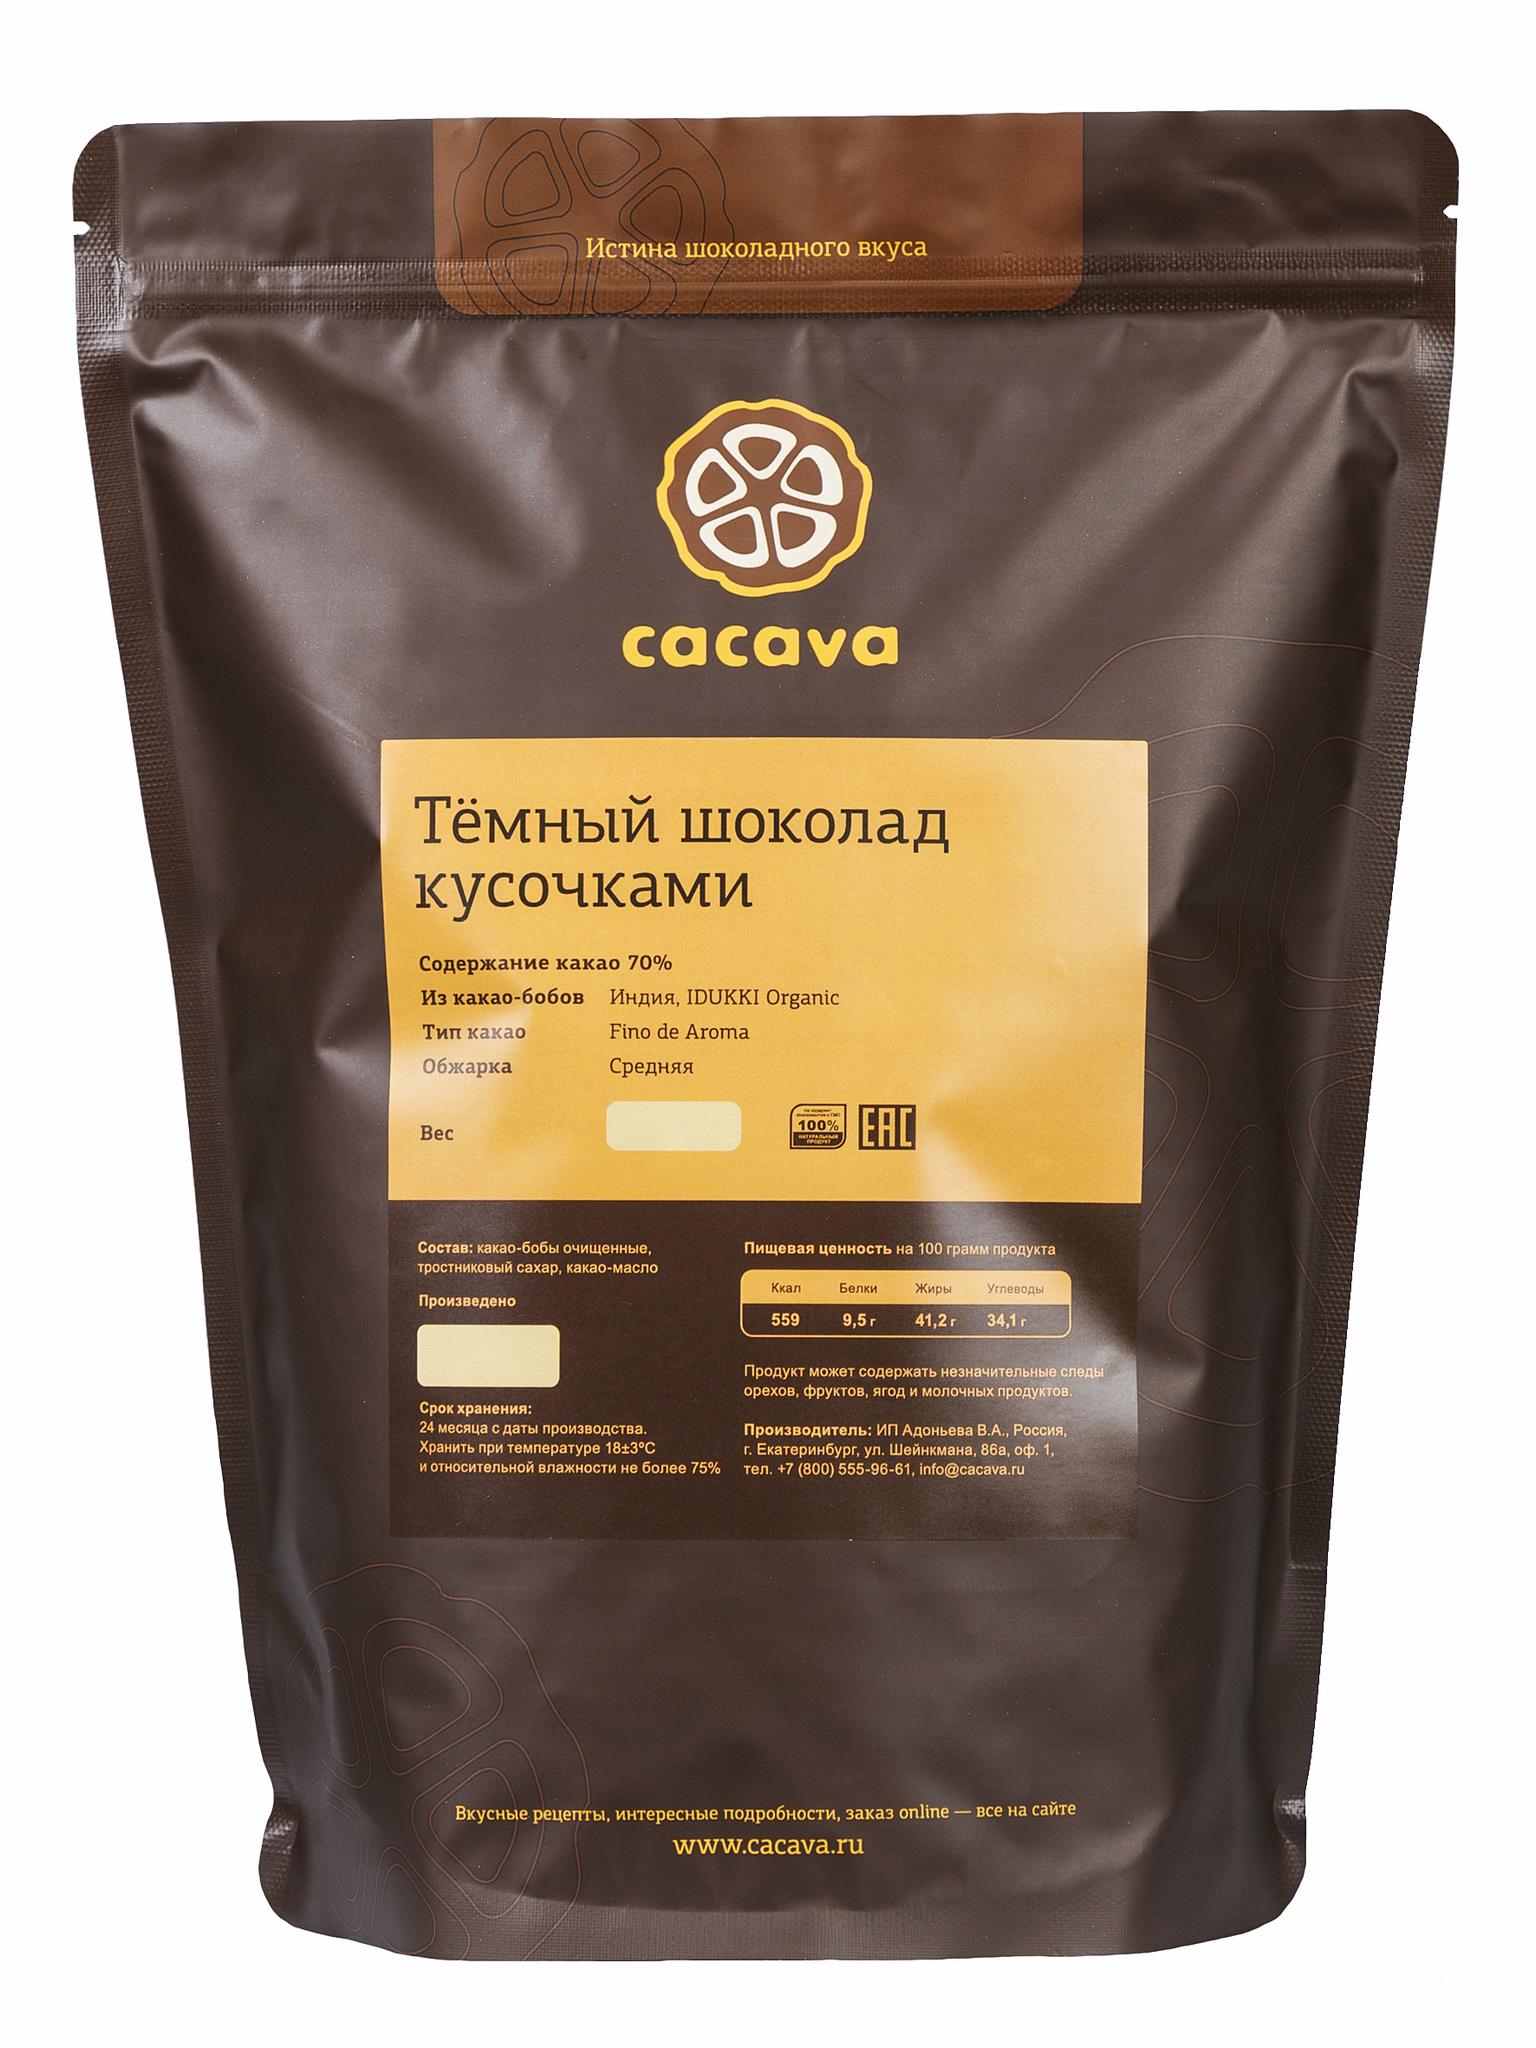 Тёмный шоколад 70 % какао (Индия, IDUKKI), упаковка 1 кг